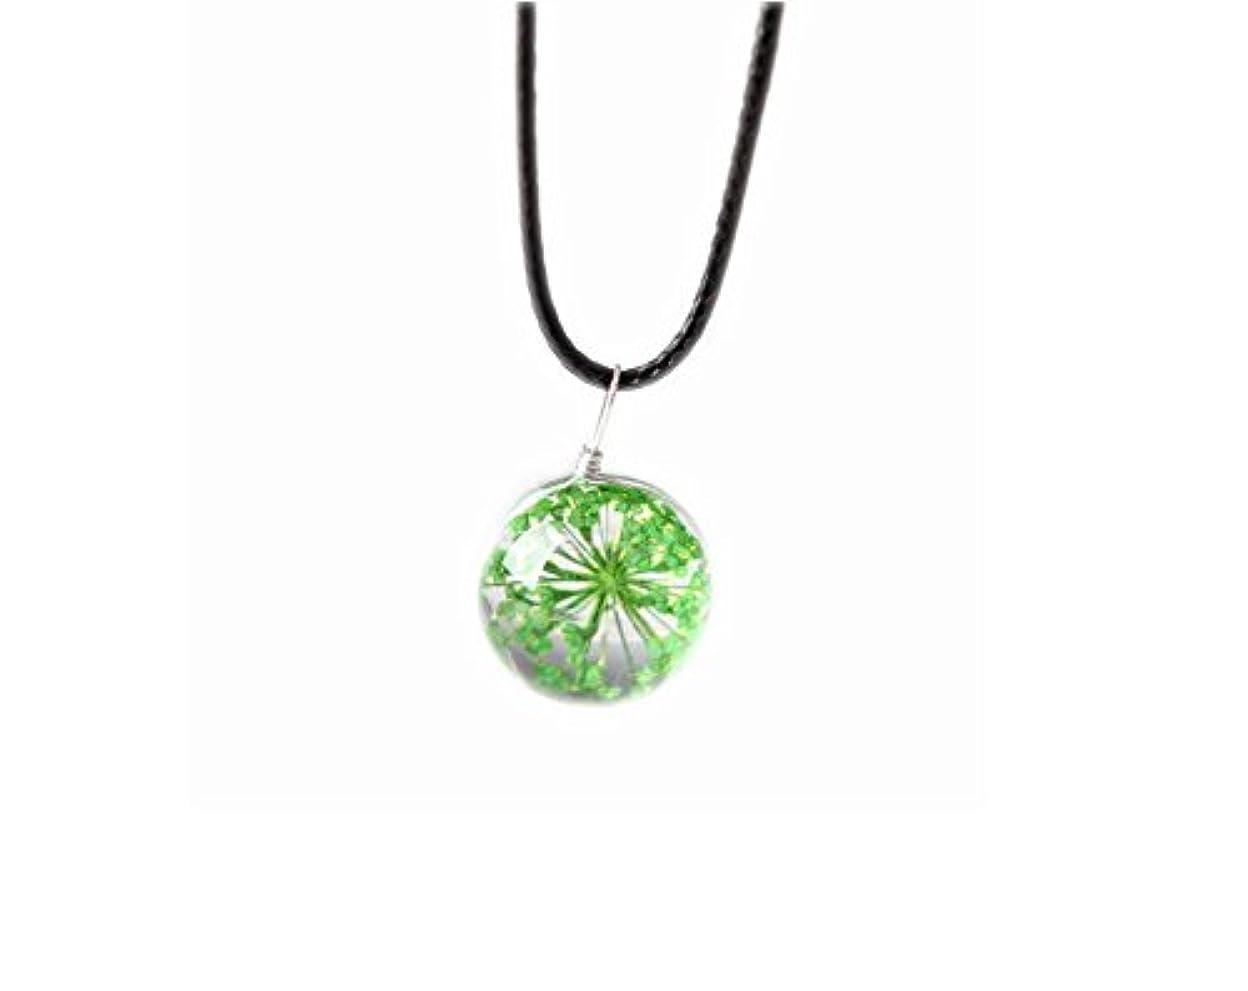 弾性覆す維持4本のペンダントネックレスギフトのセットGypsophila Dried Flowers Necklace - Green